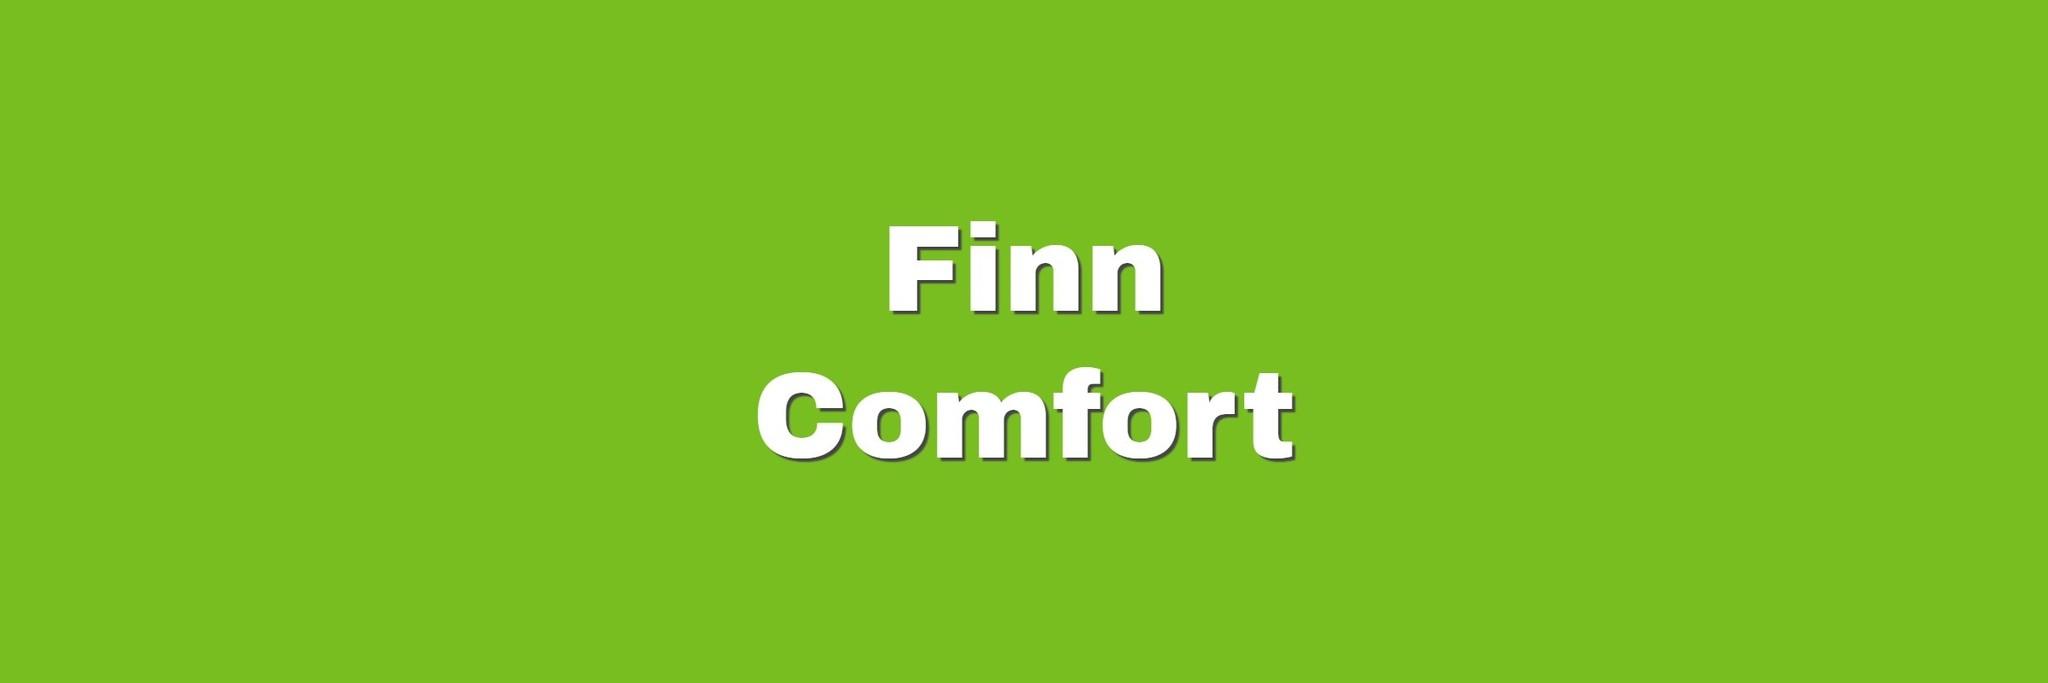 Finn Comfort Shoes & Sandals